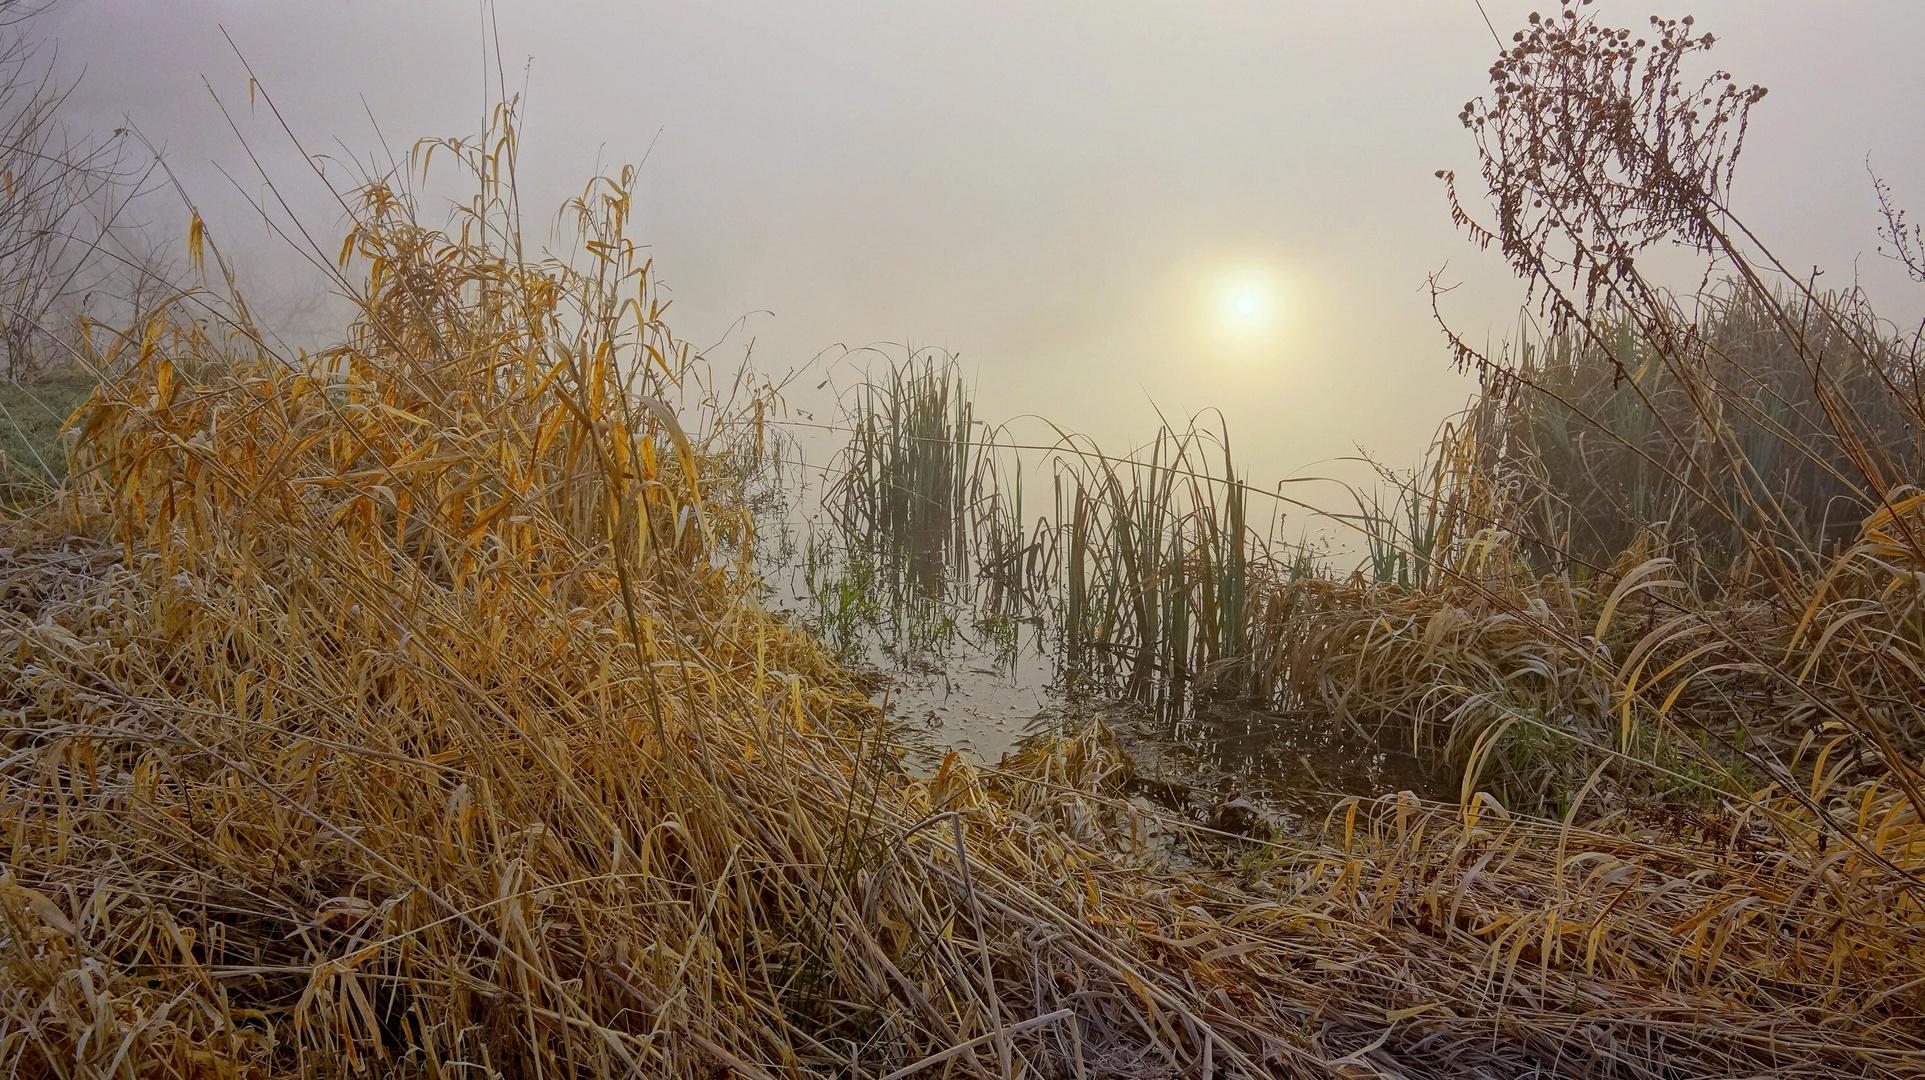 Am Morgen am See (por la mañana en el lago)